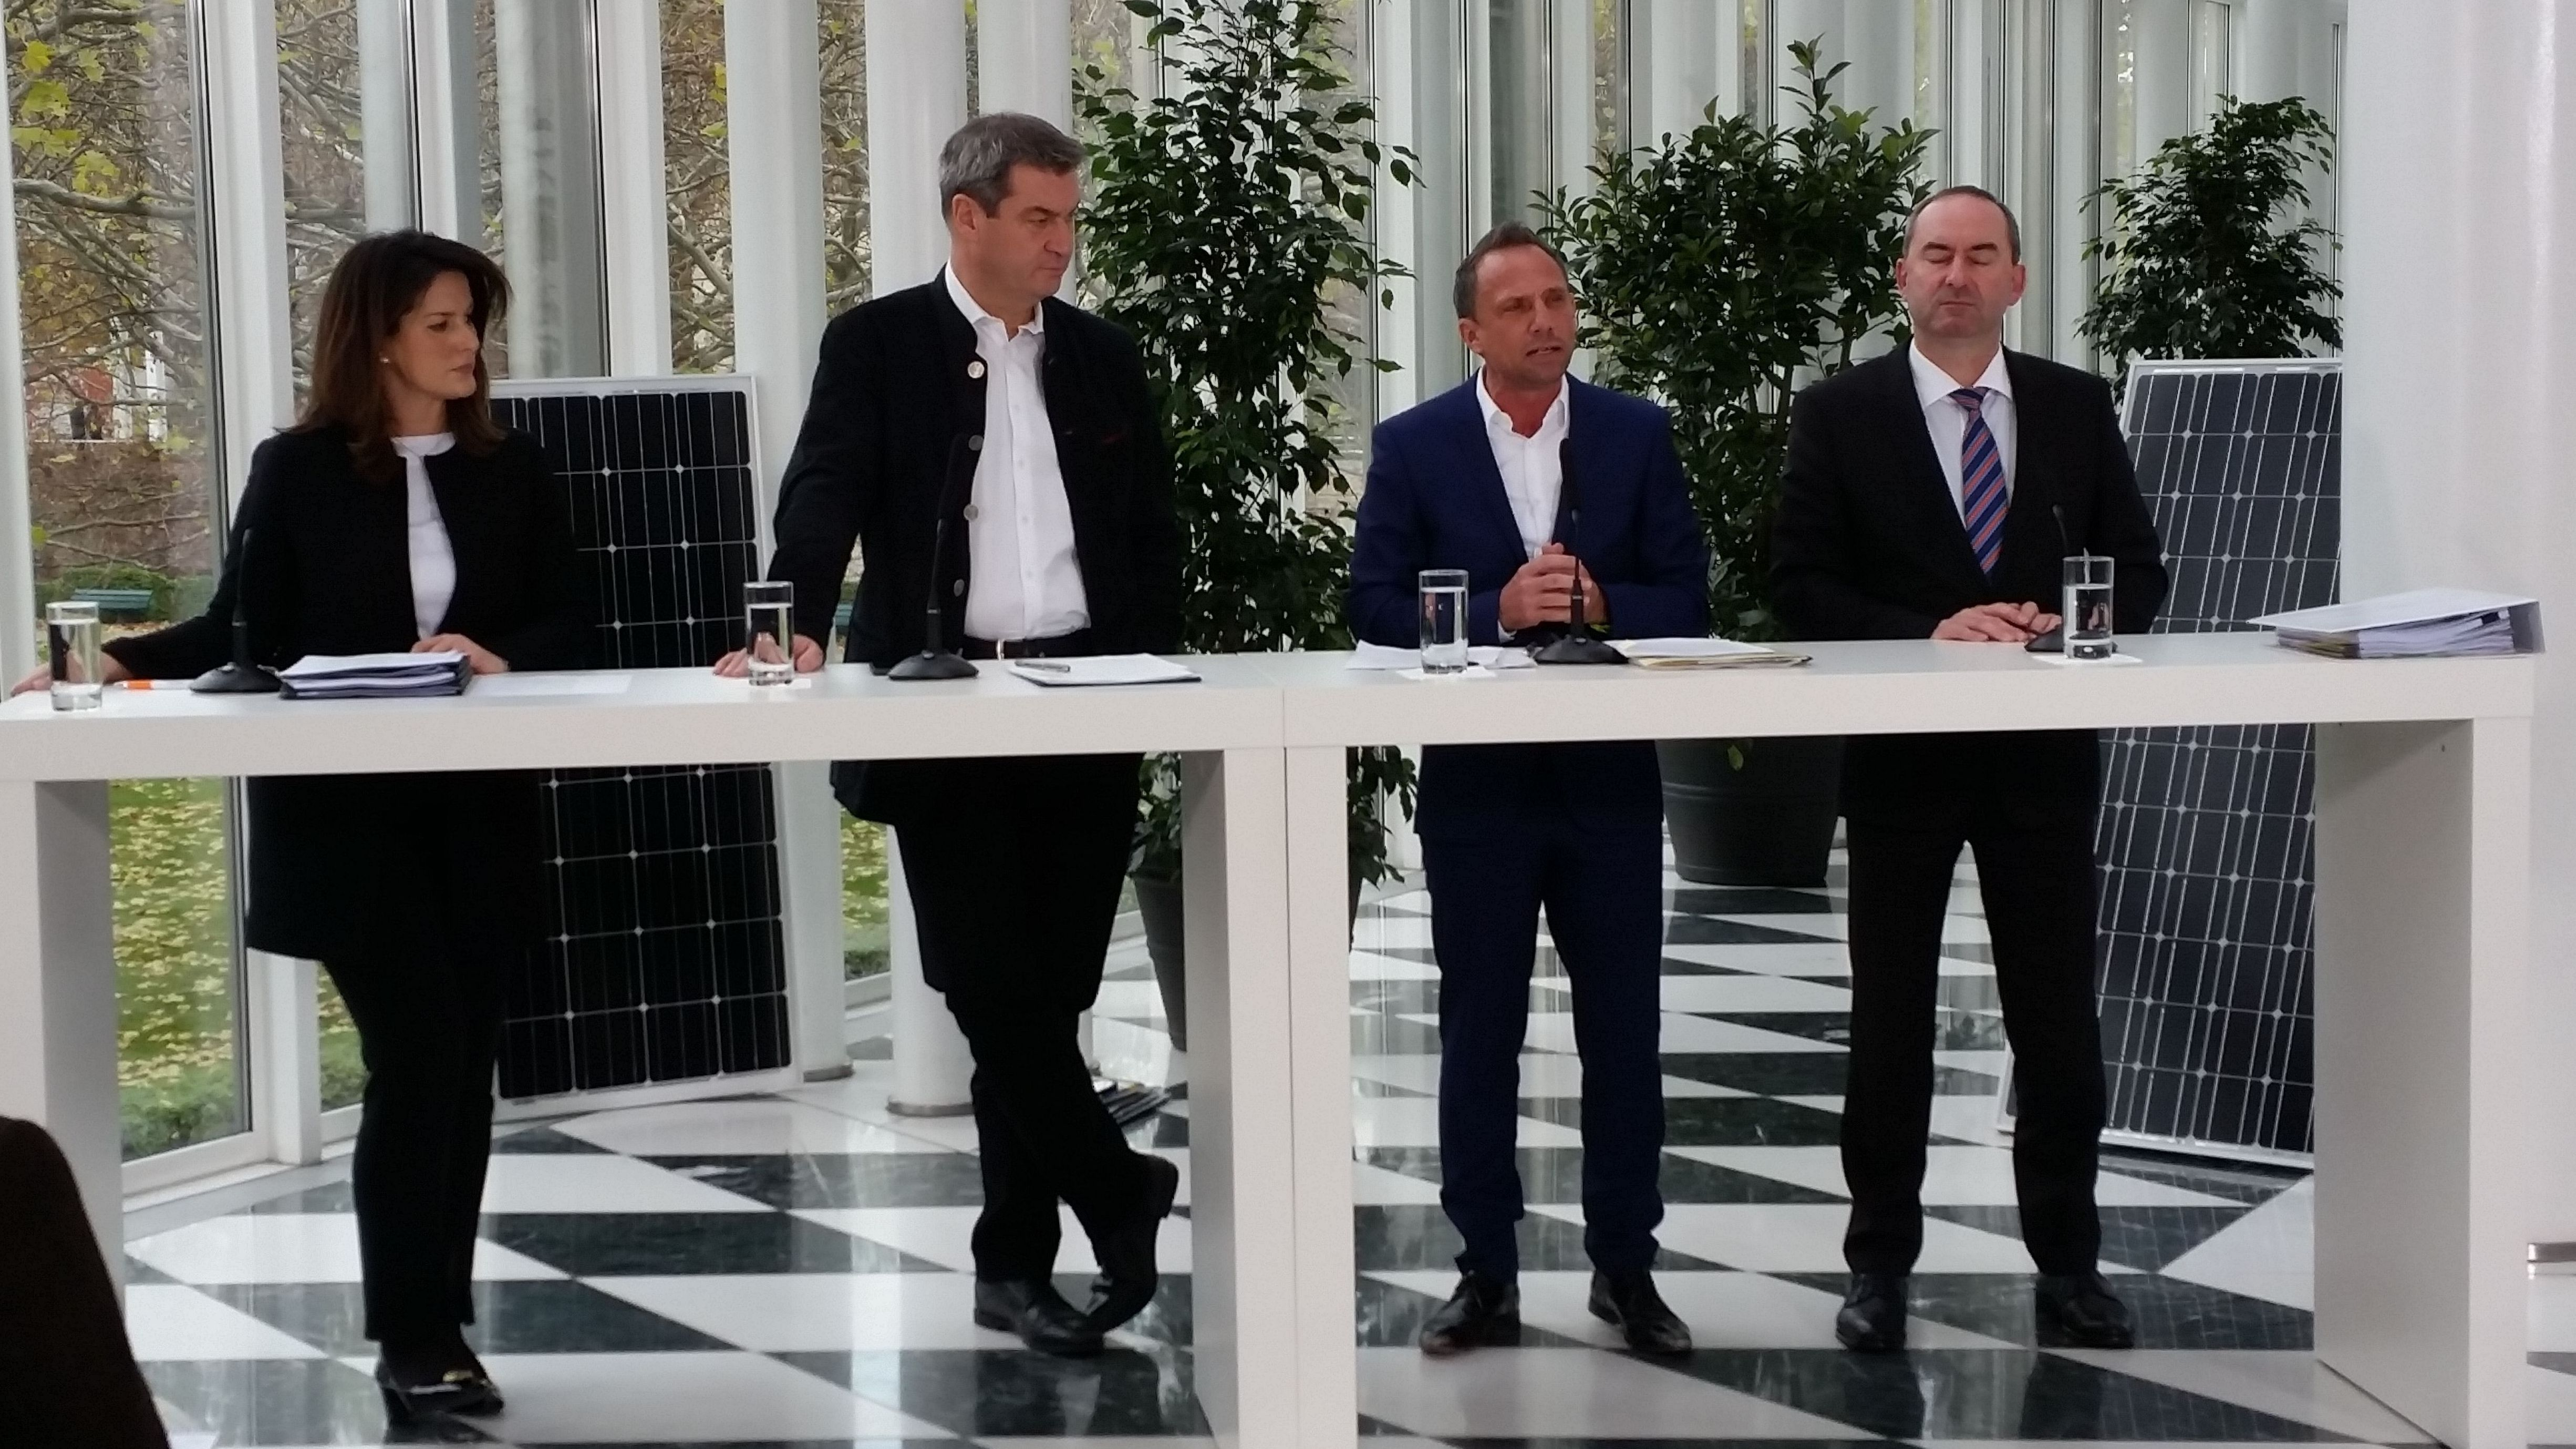 Die bayerische Staatsregierung hat am Dienstag über ein eigenes Landes-Klimaschutzgesetz beraten und dieses auf den Weg gebracht.